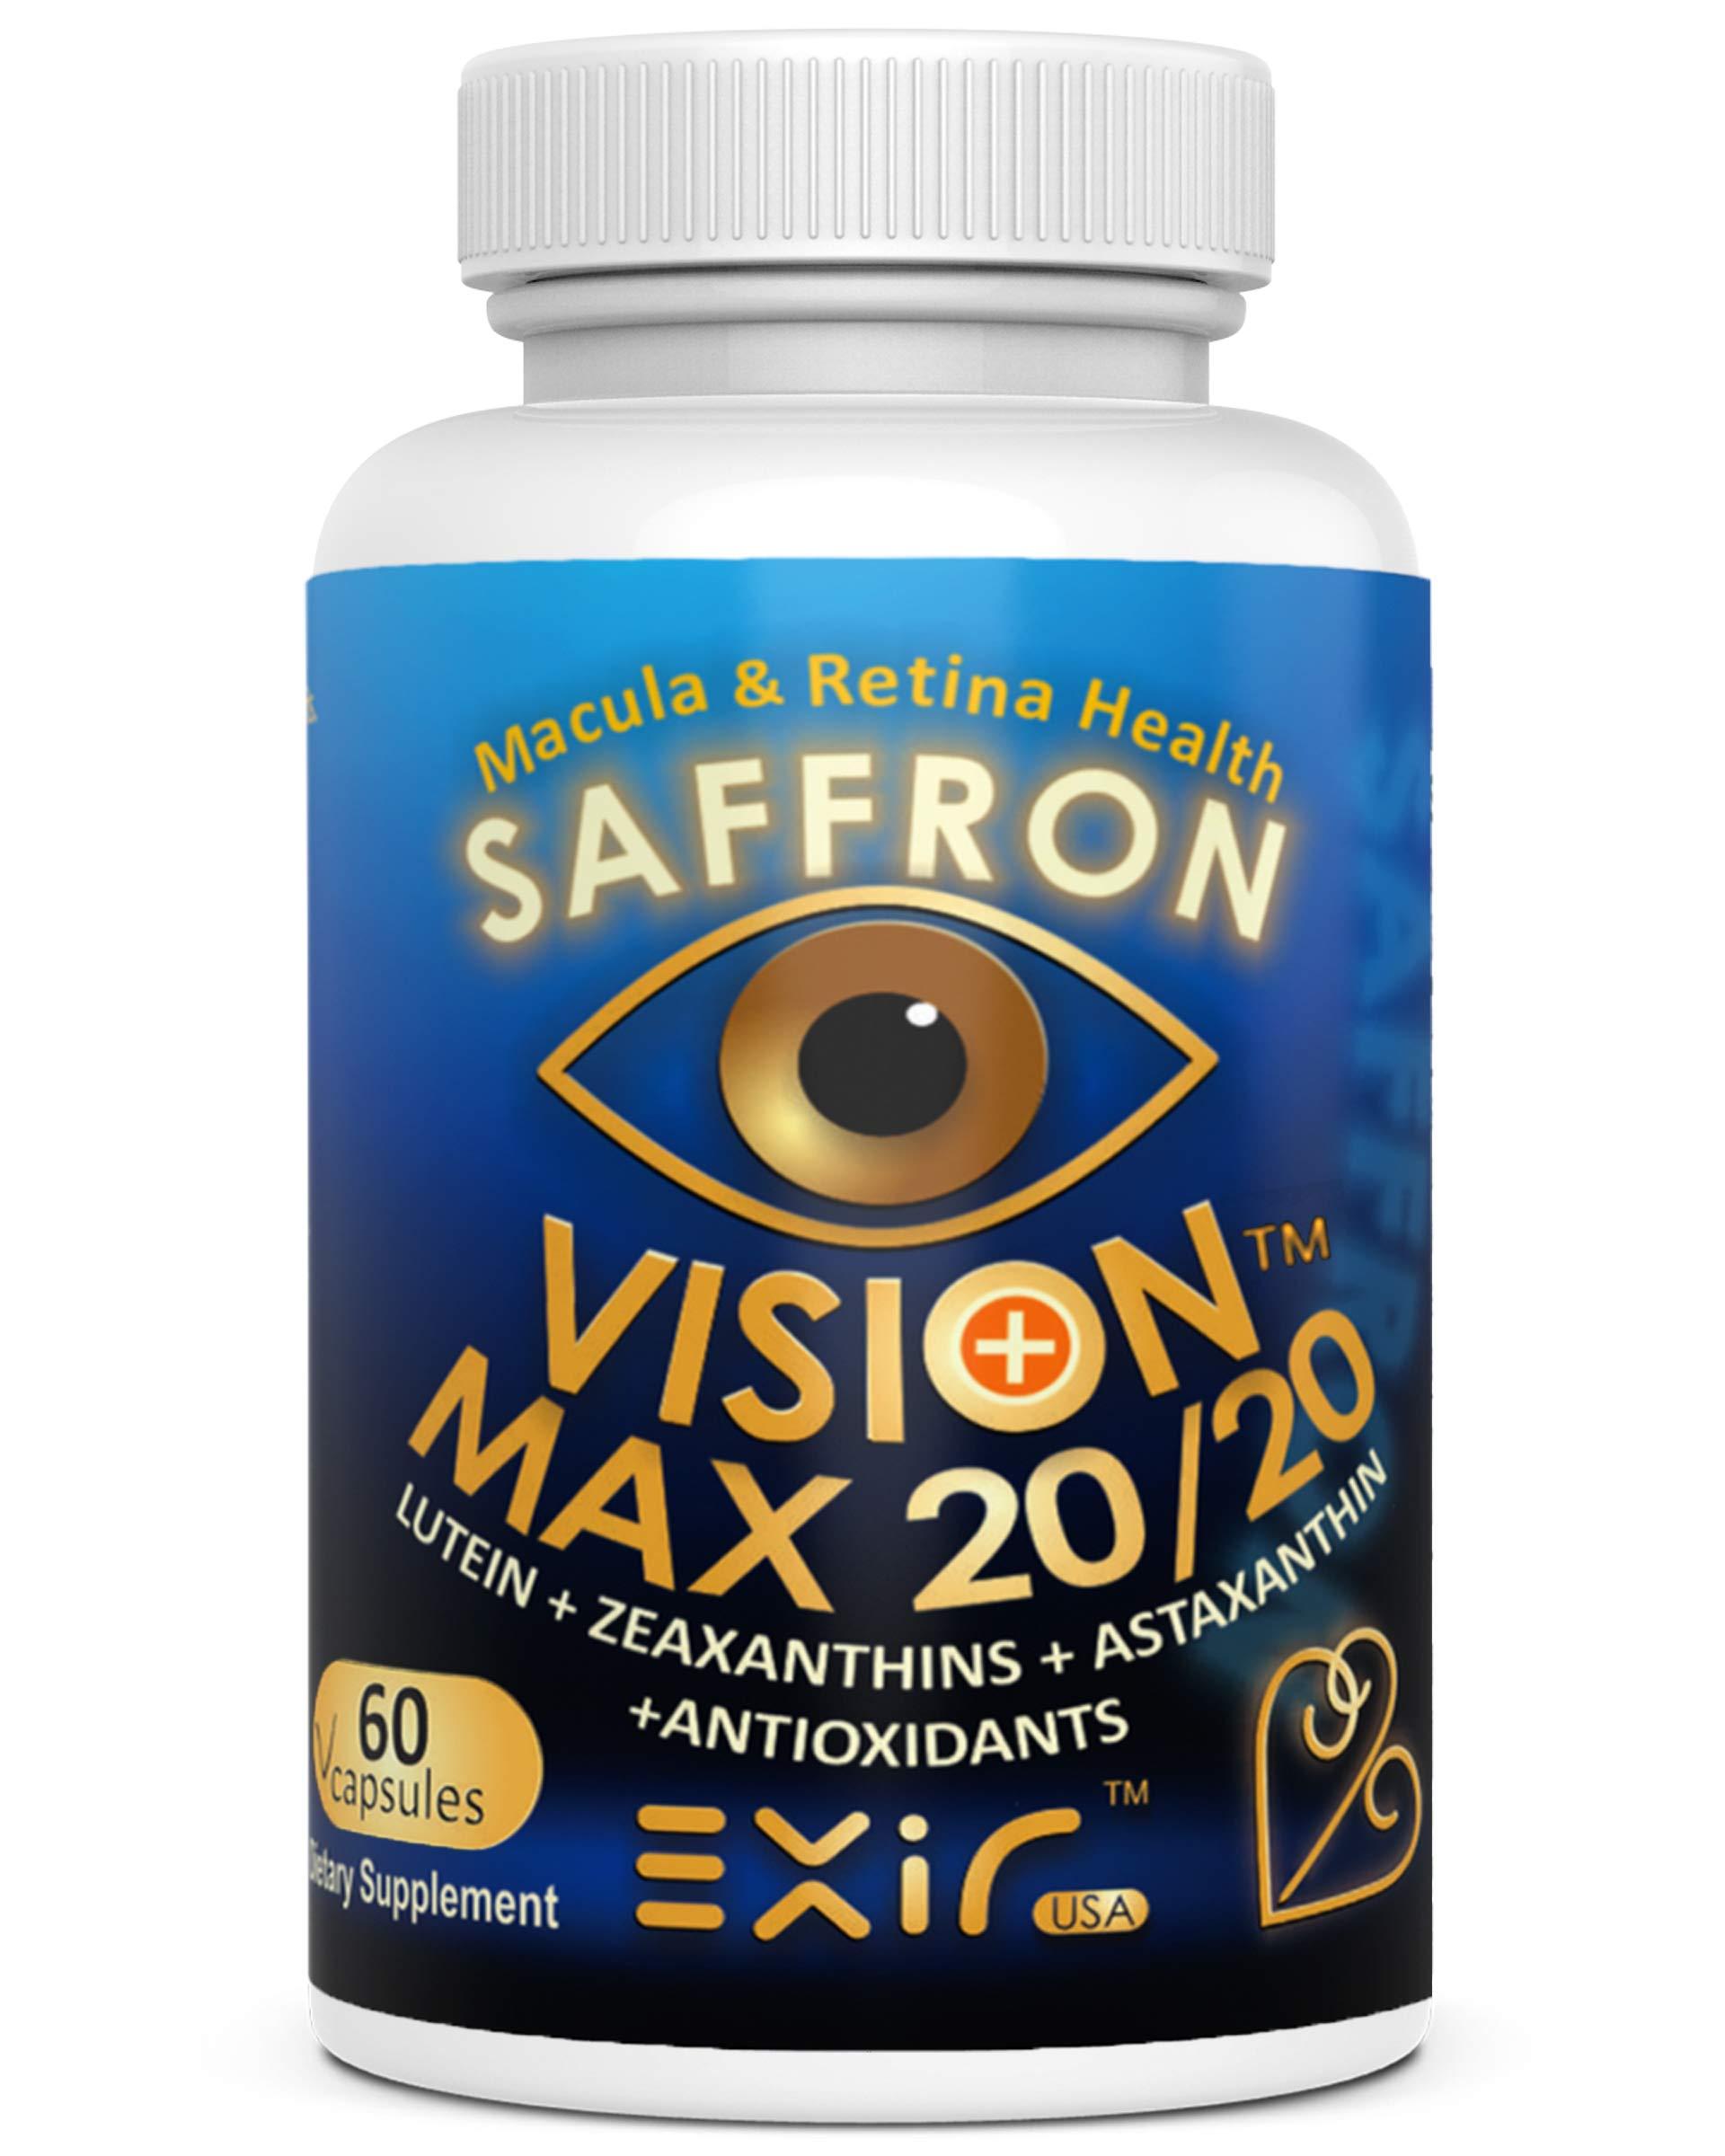 Vision Potency Carotenoids Supports Macular